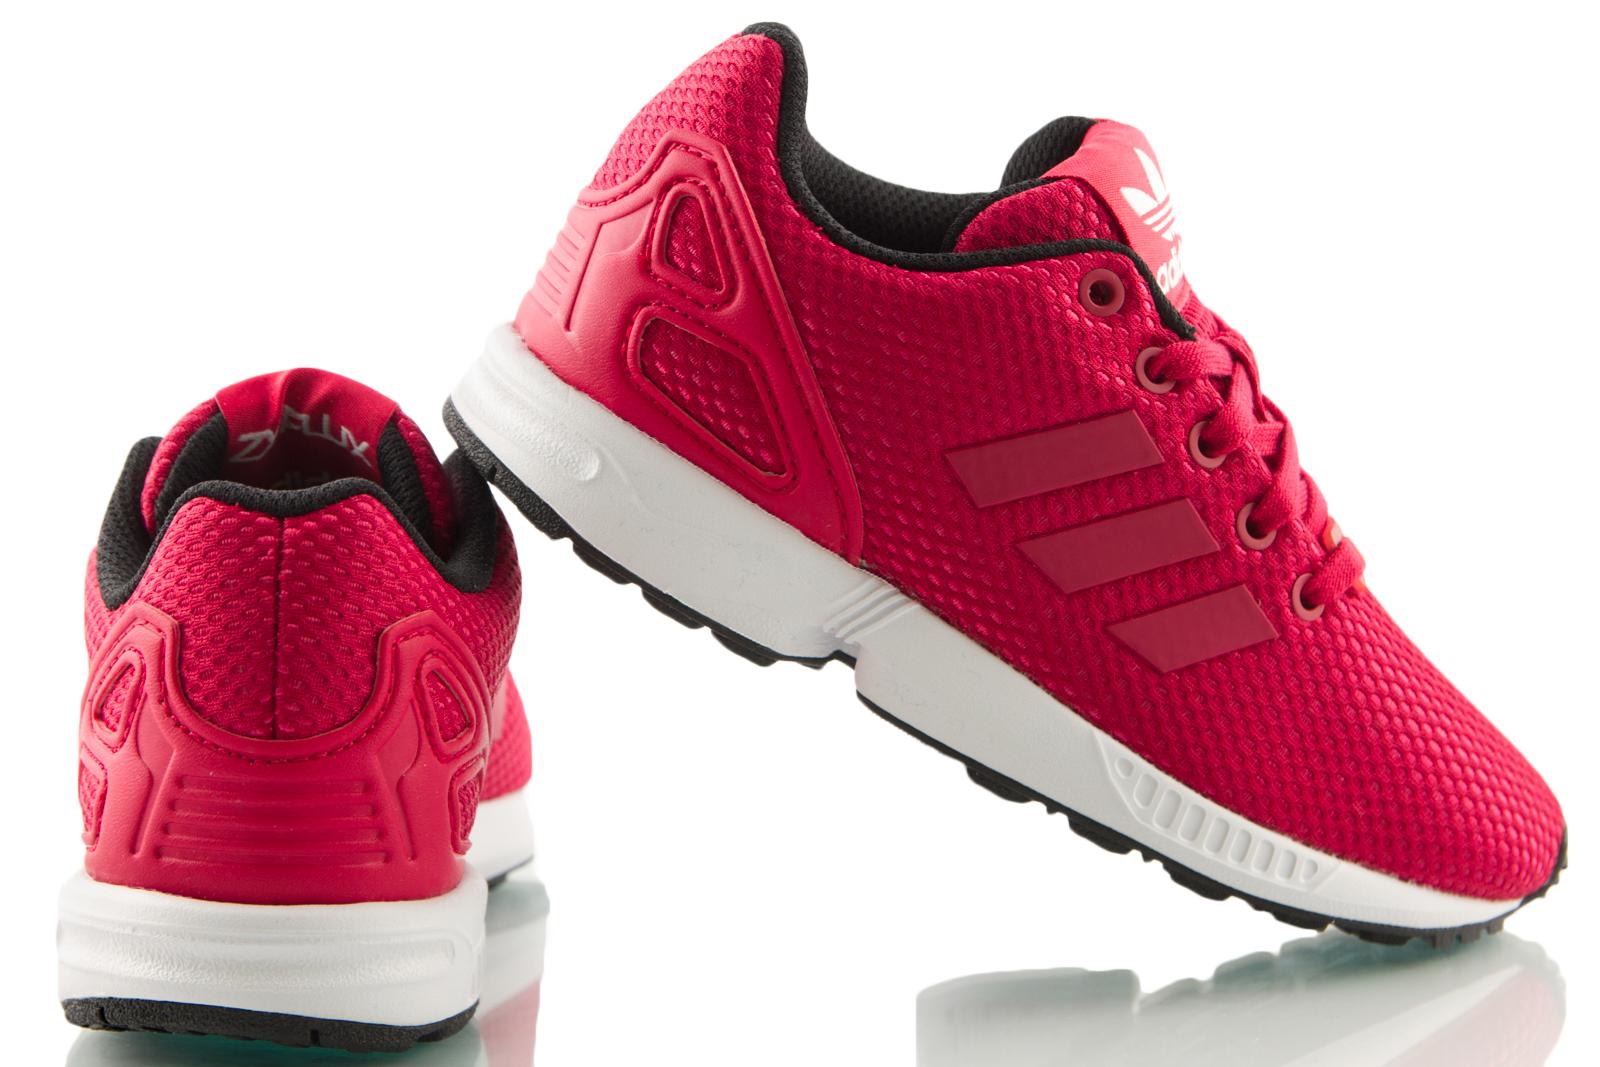 ADIDAS ZX FLUX buty dzieciece sportowe 50% r 31,5